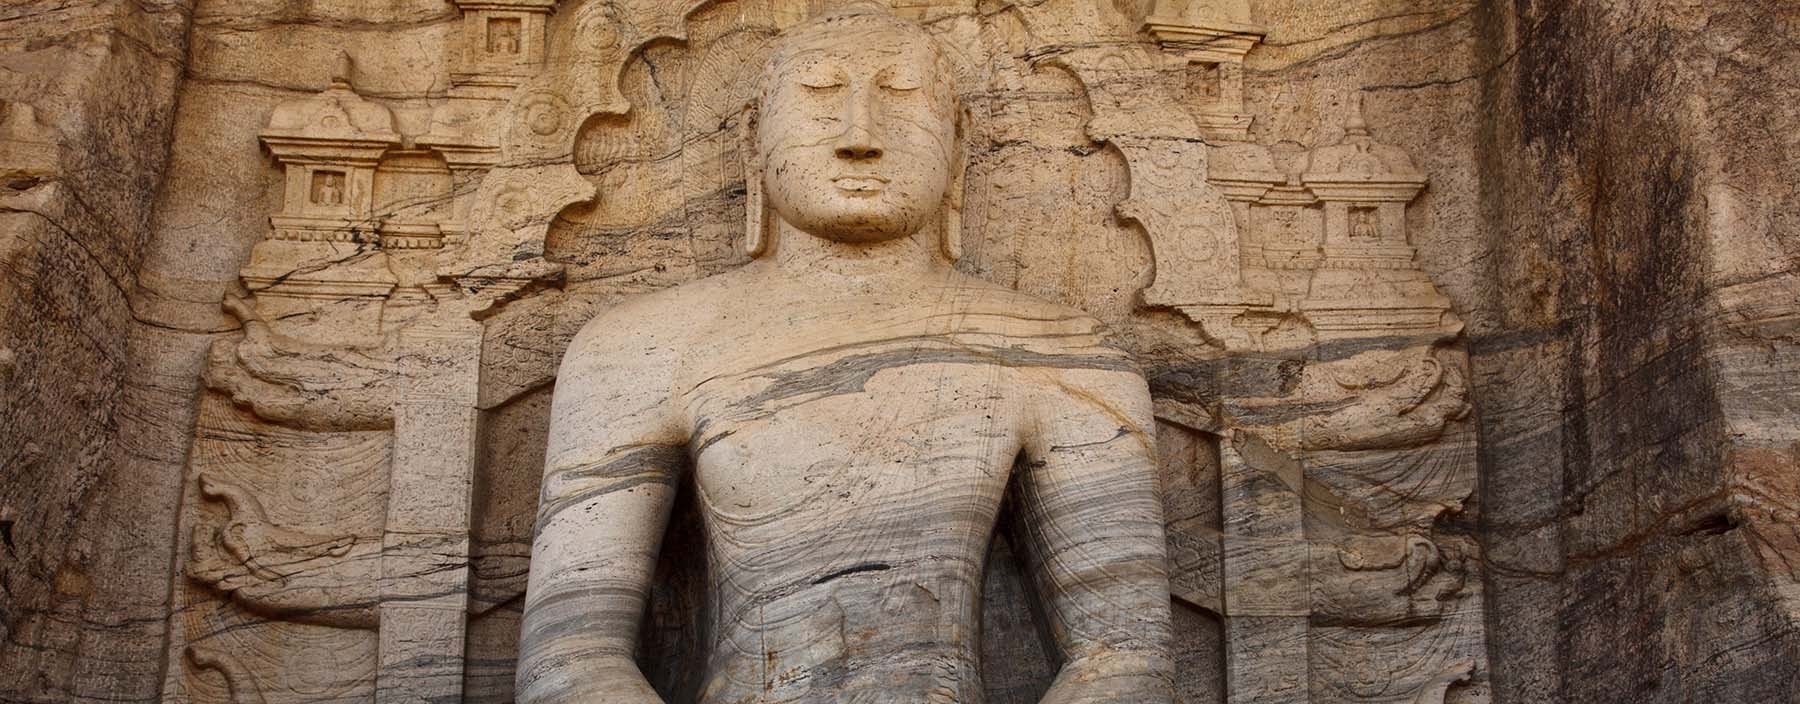 sri lanka, polonnaruwa, gal vihara statue (1).jpg